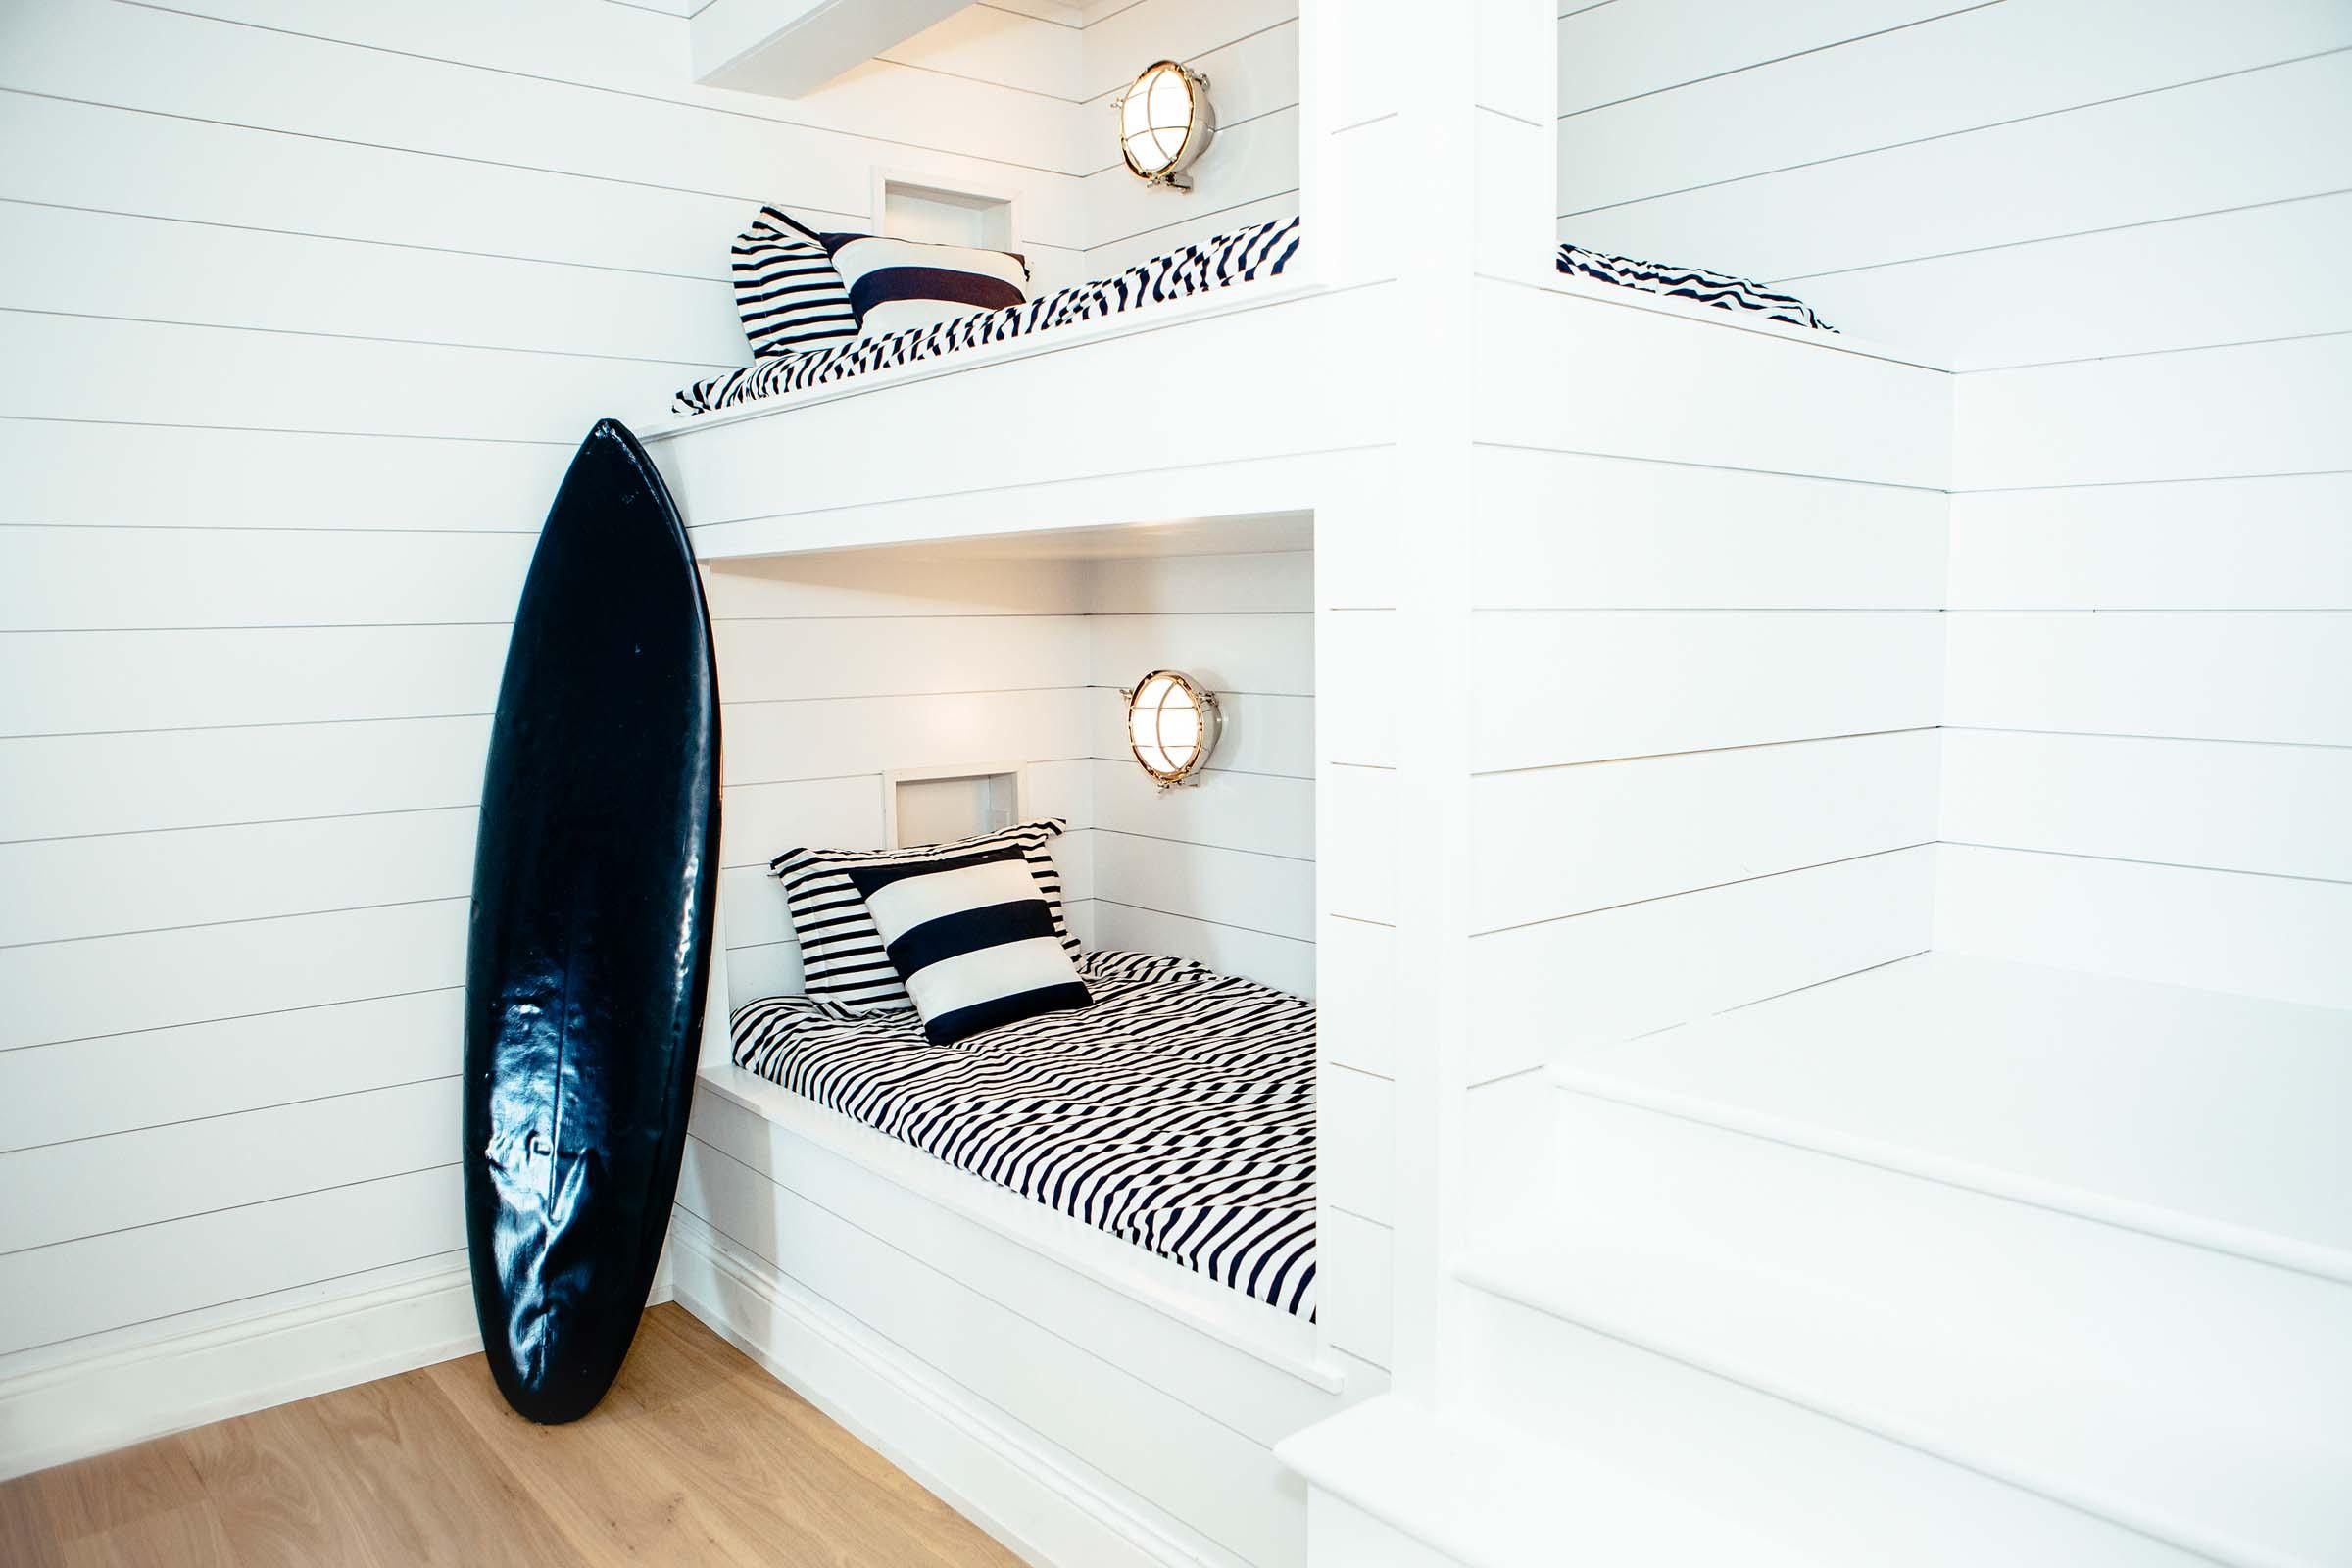 Leo_Designs_Chicago_interior_design_grand_haven_beach_refuge18.jpg